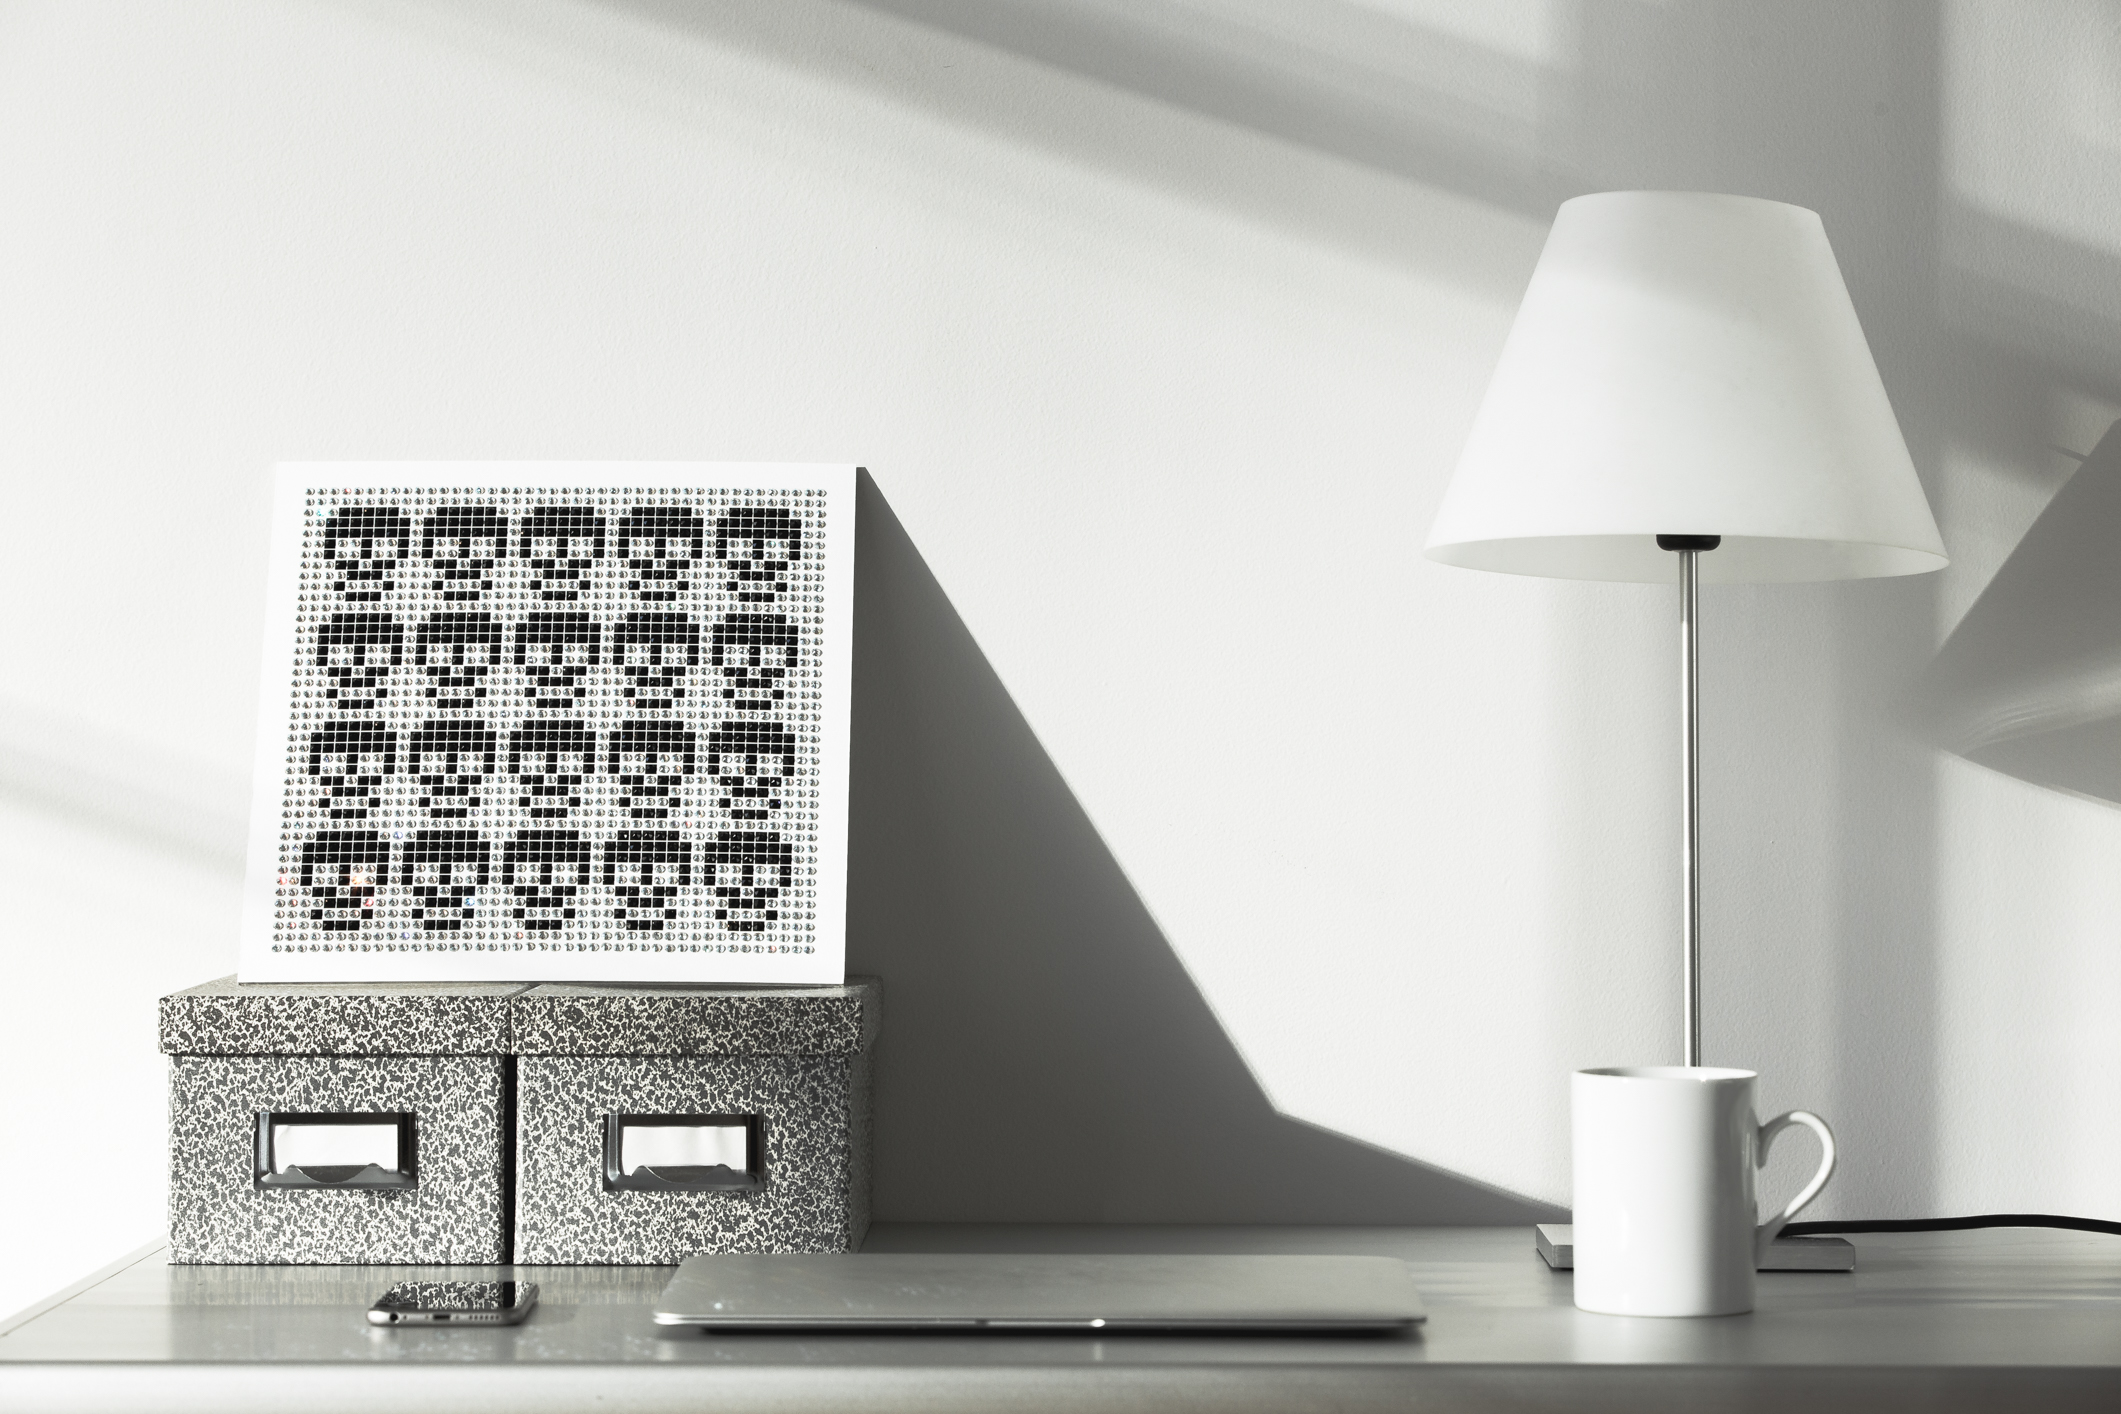 cartesian greyscale desk-1011-2.jpg